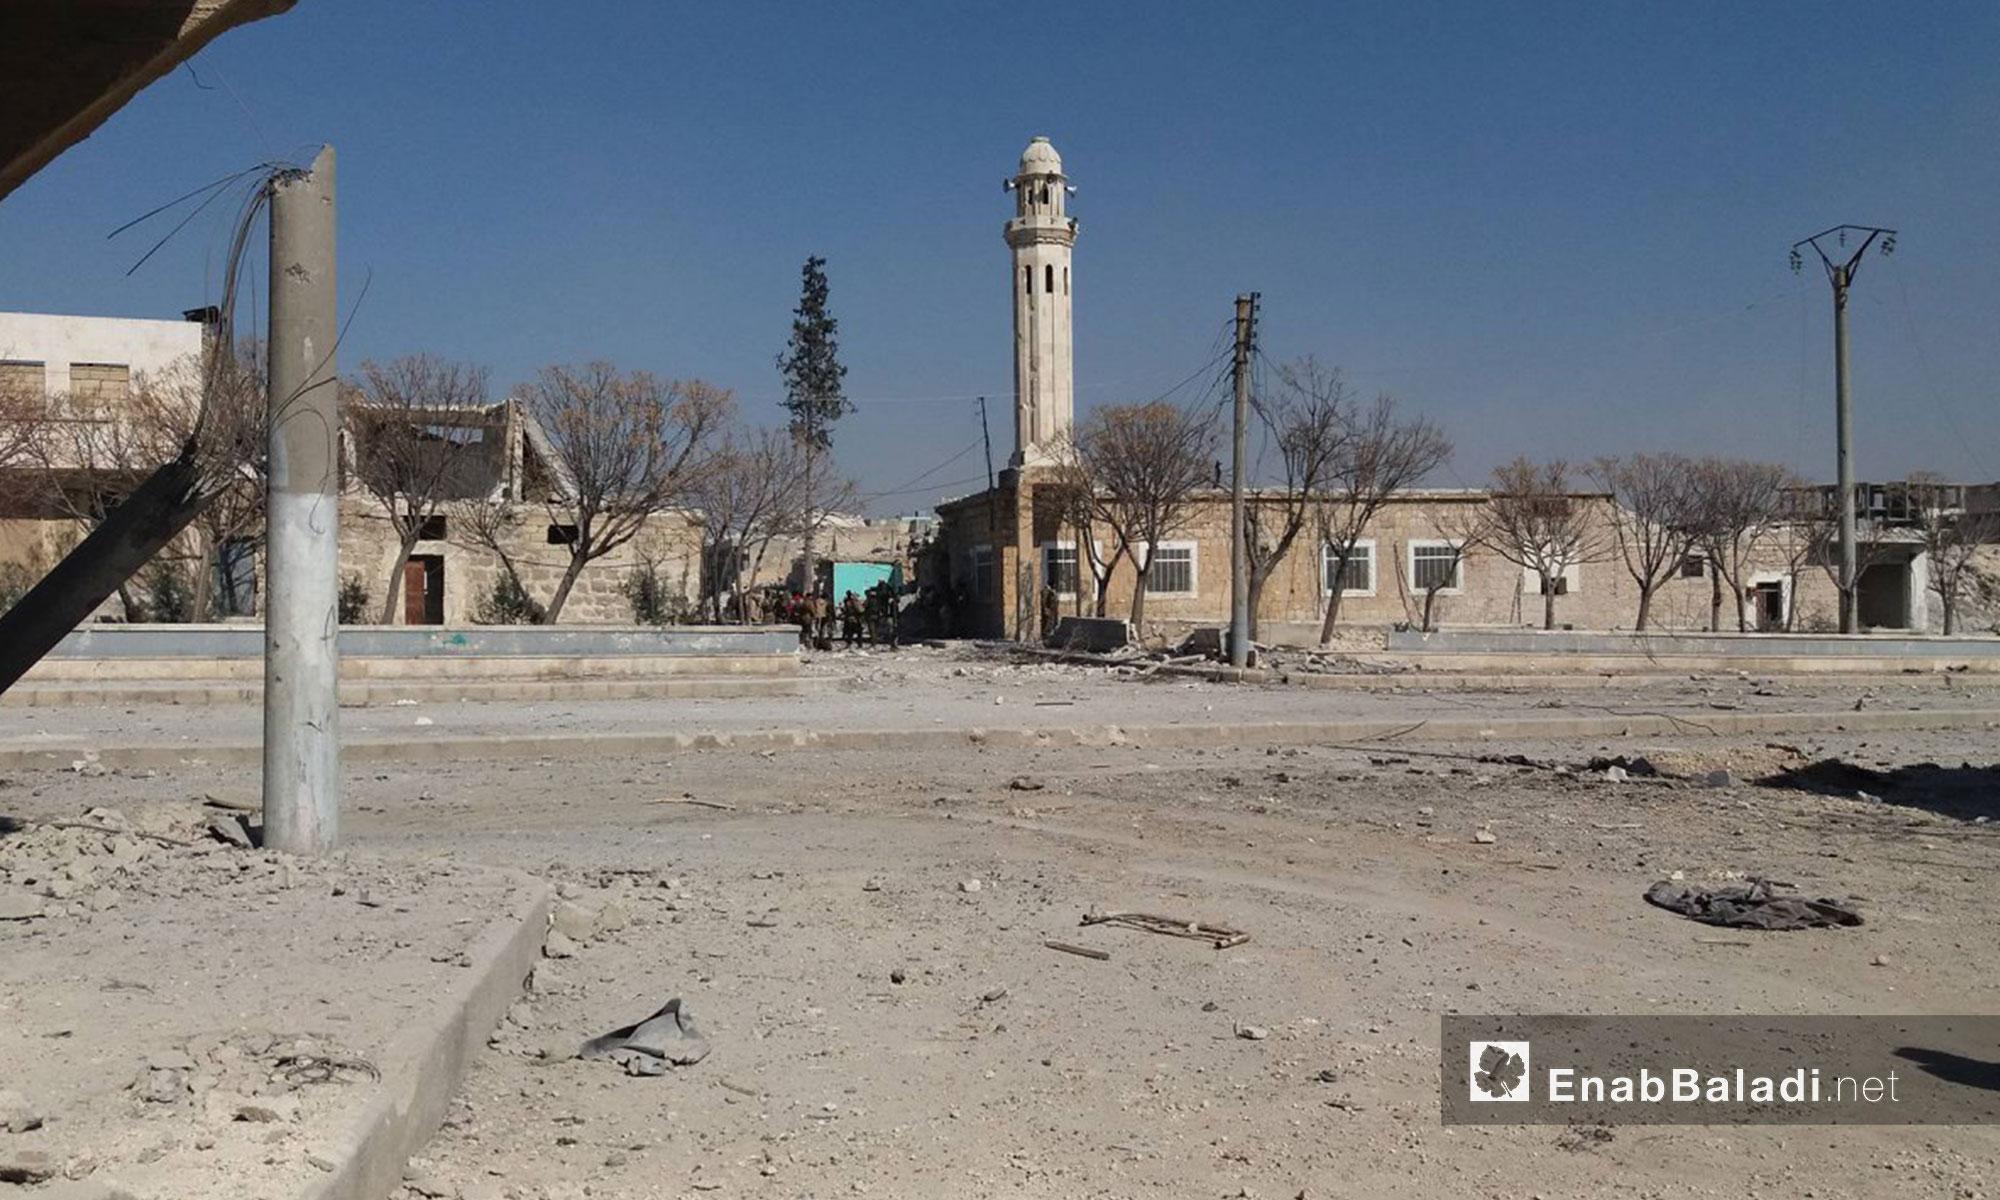 """جانب من مدينة الباب بعد طرد تنظيم """"الدولة"""" منها- 23 شباط 2017 (عنب بلدي)"""